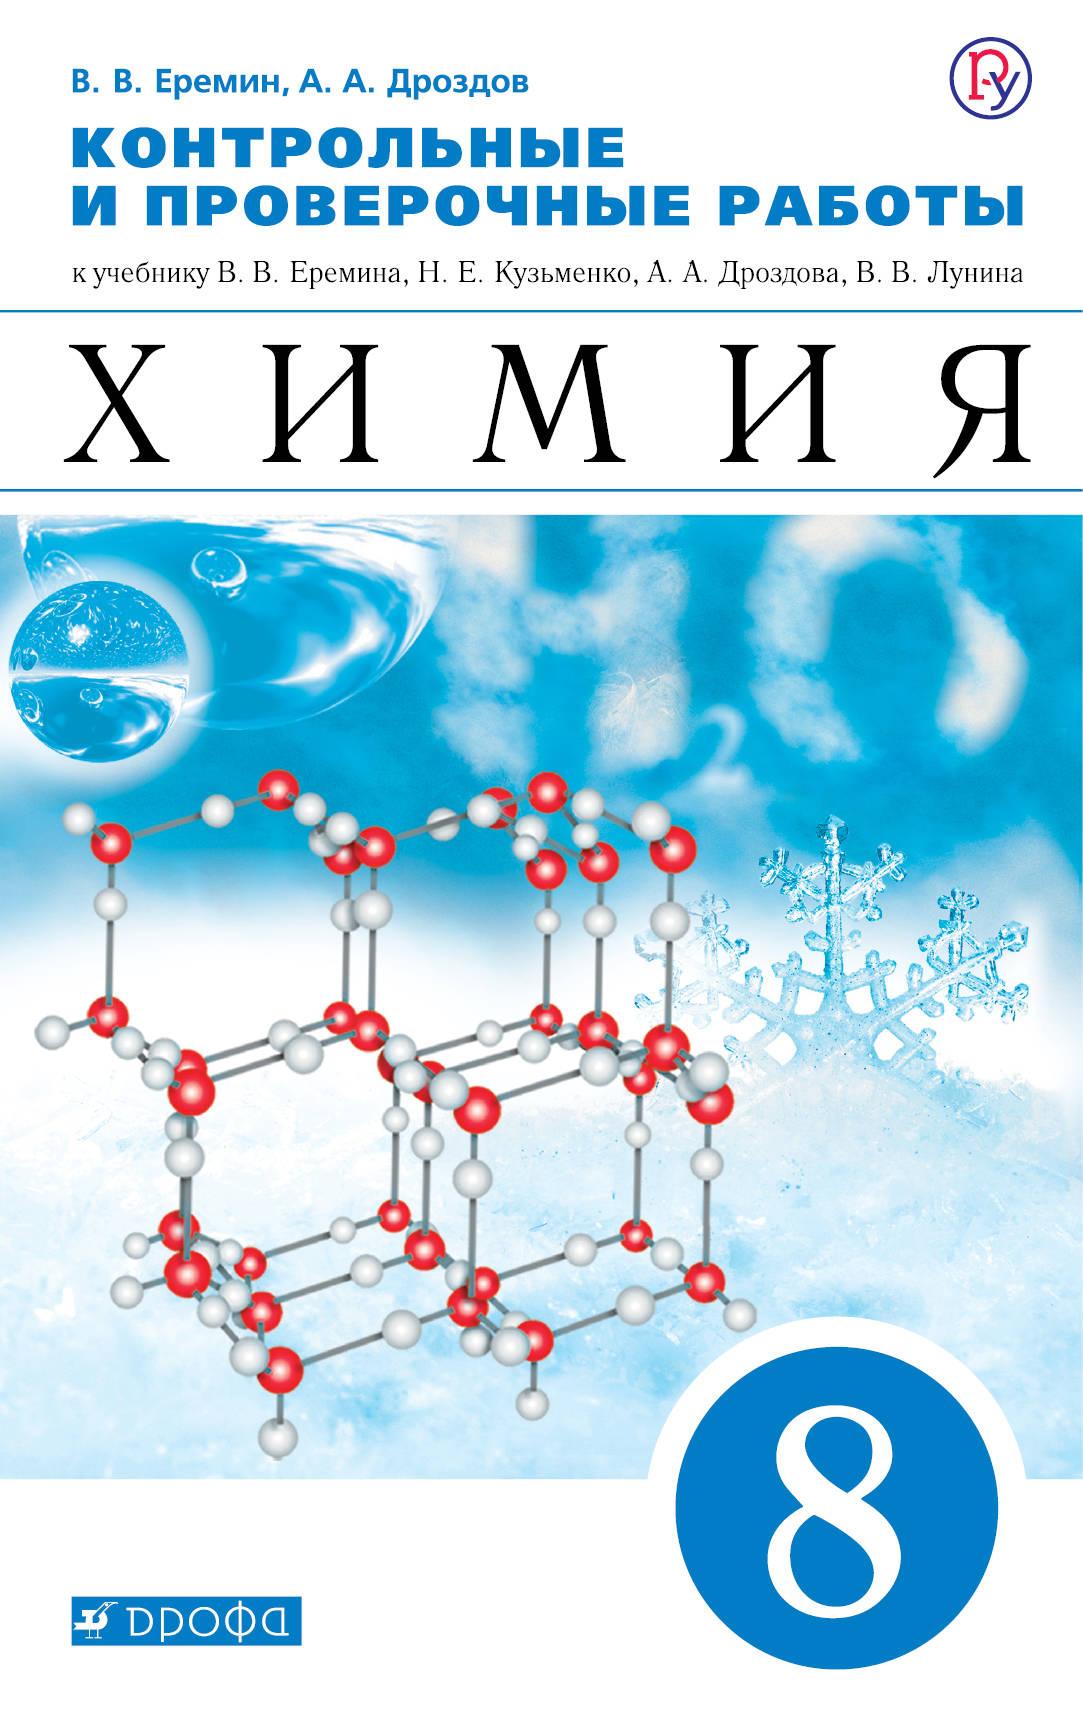 Еремин. Химия. 8 кл. Контрольные и проверочные работы (к учебнику Еремина) (ФГОС)